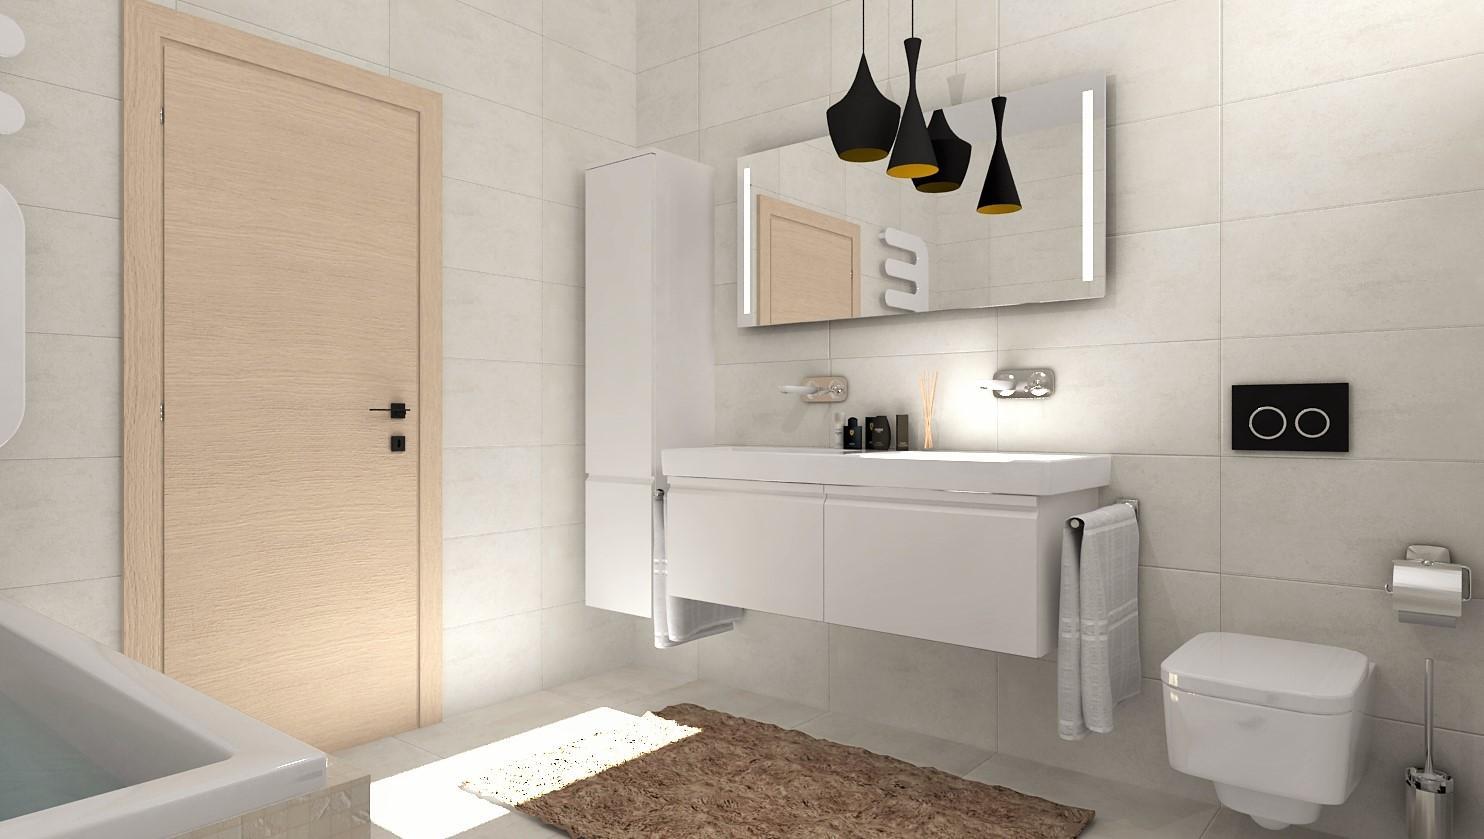 Návrhy a vizualizácie kúpeľní - Obrázok č. 91